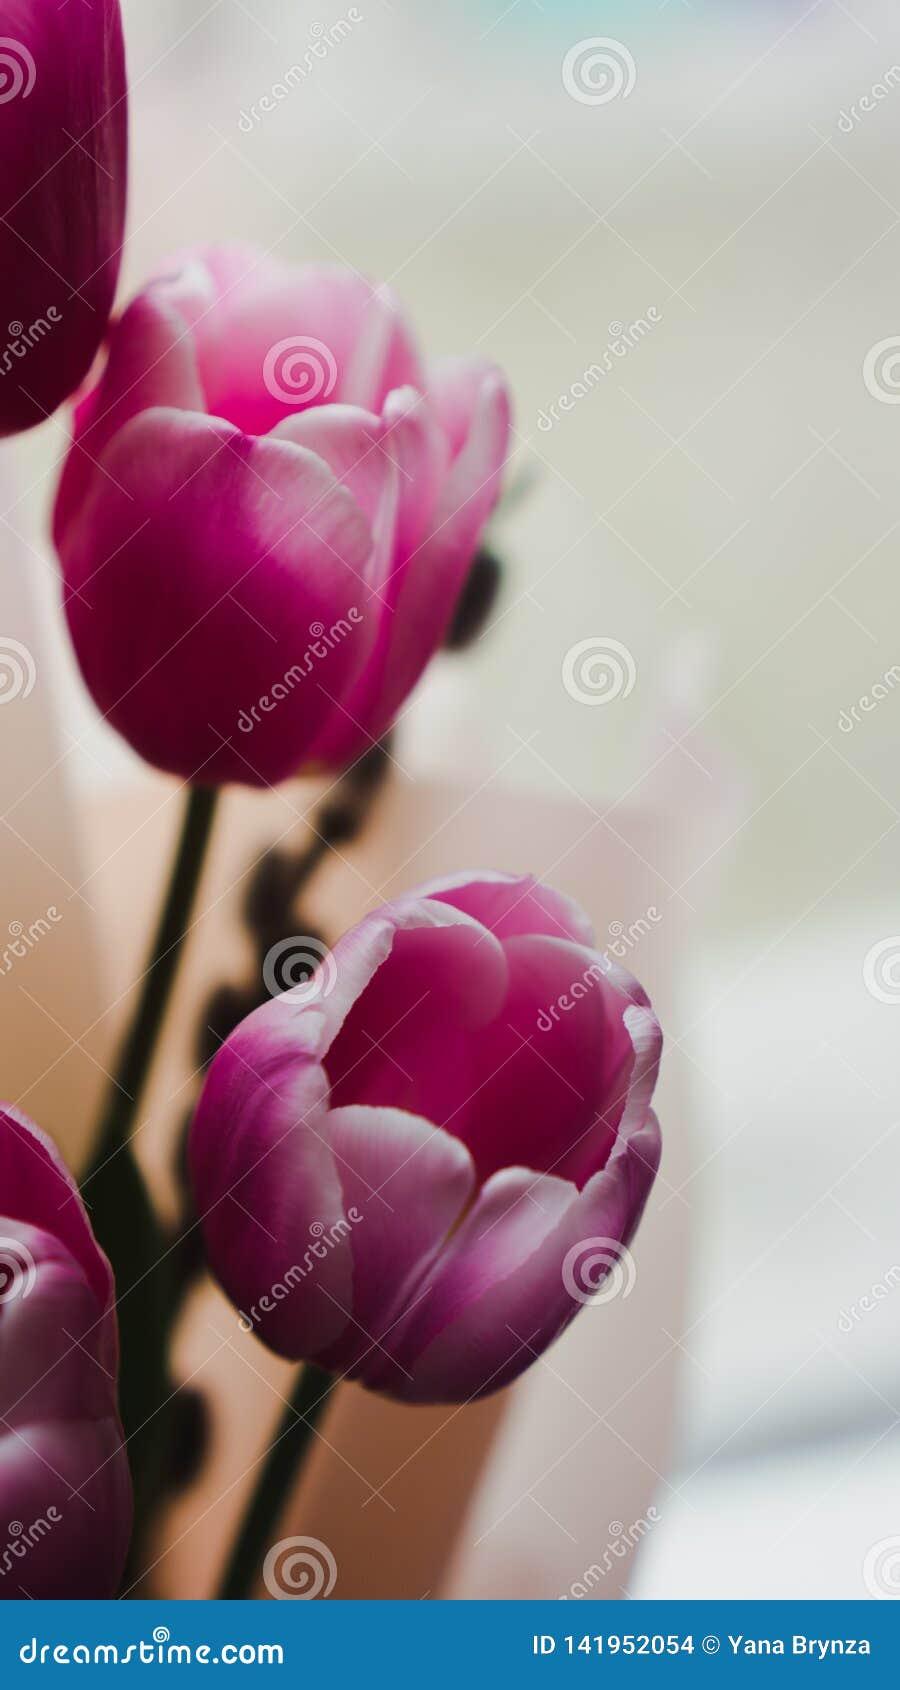 Цветки весны - букет розовых тюльпанов загоренных с мягким светом